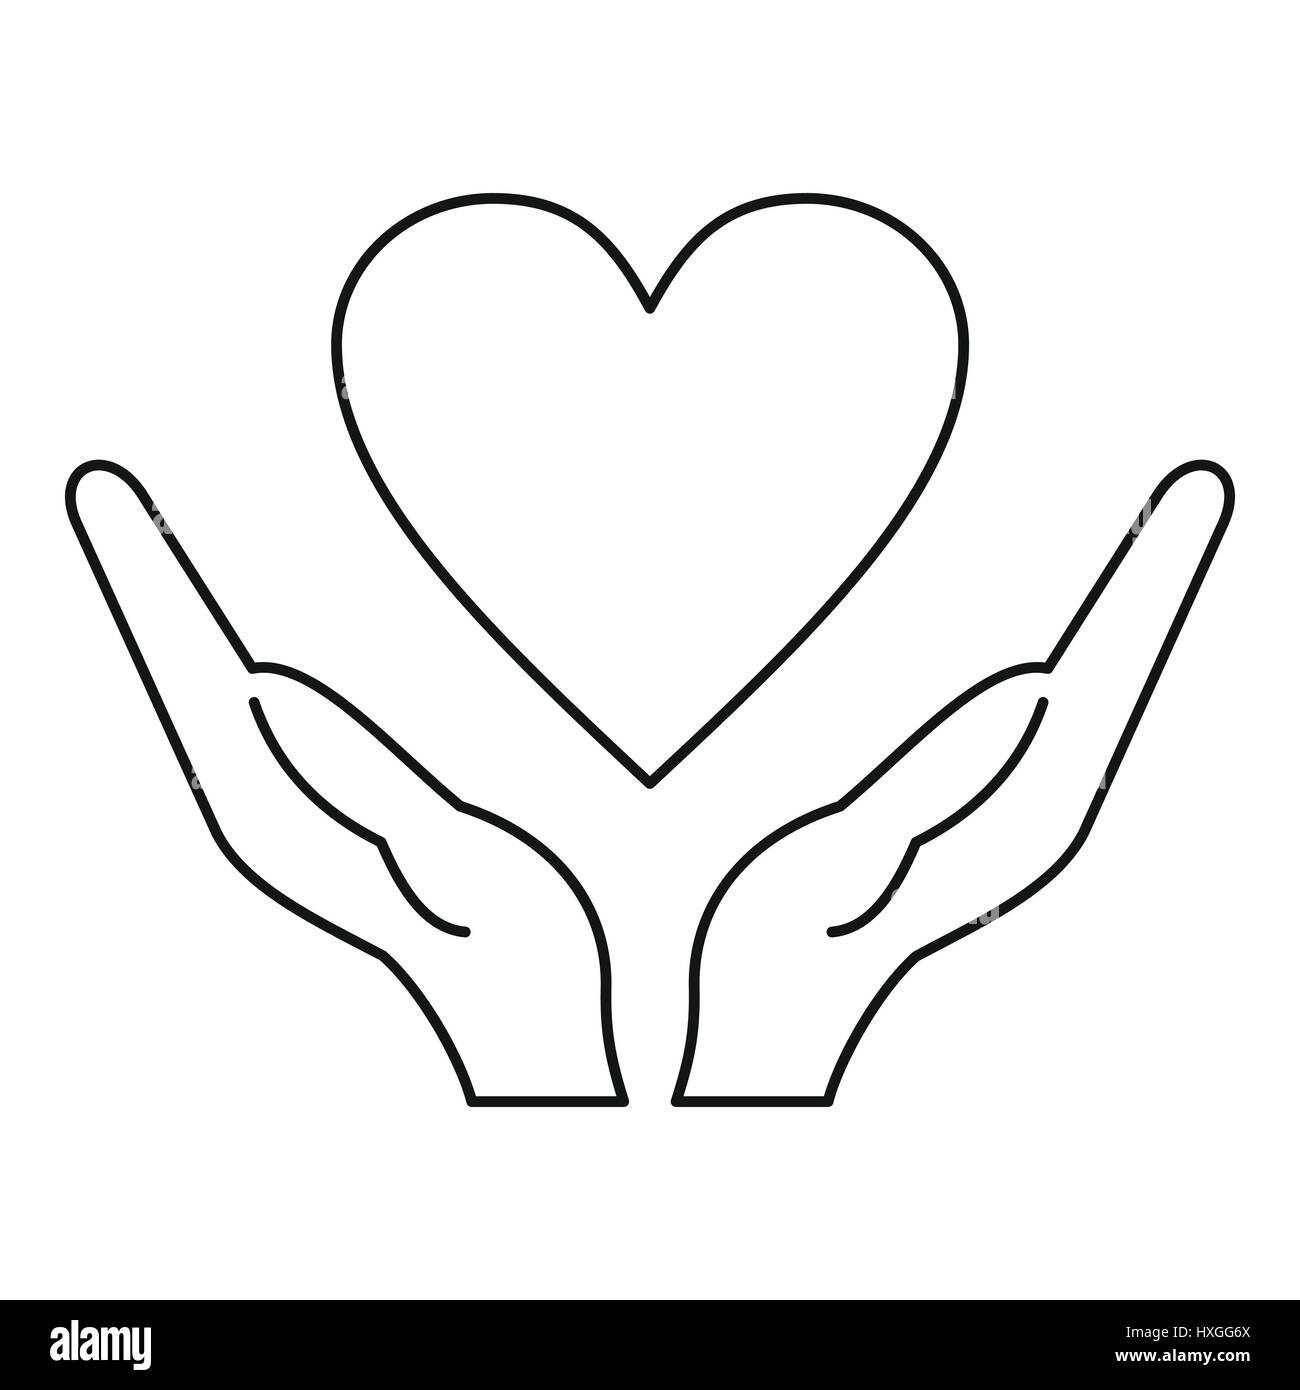 Hande Halten Herz Symbol Umriss Stil Vektor Abbildung Bild